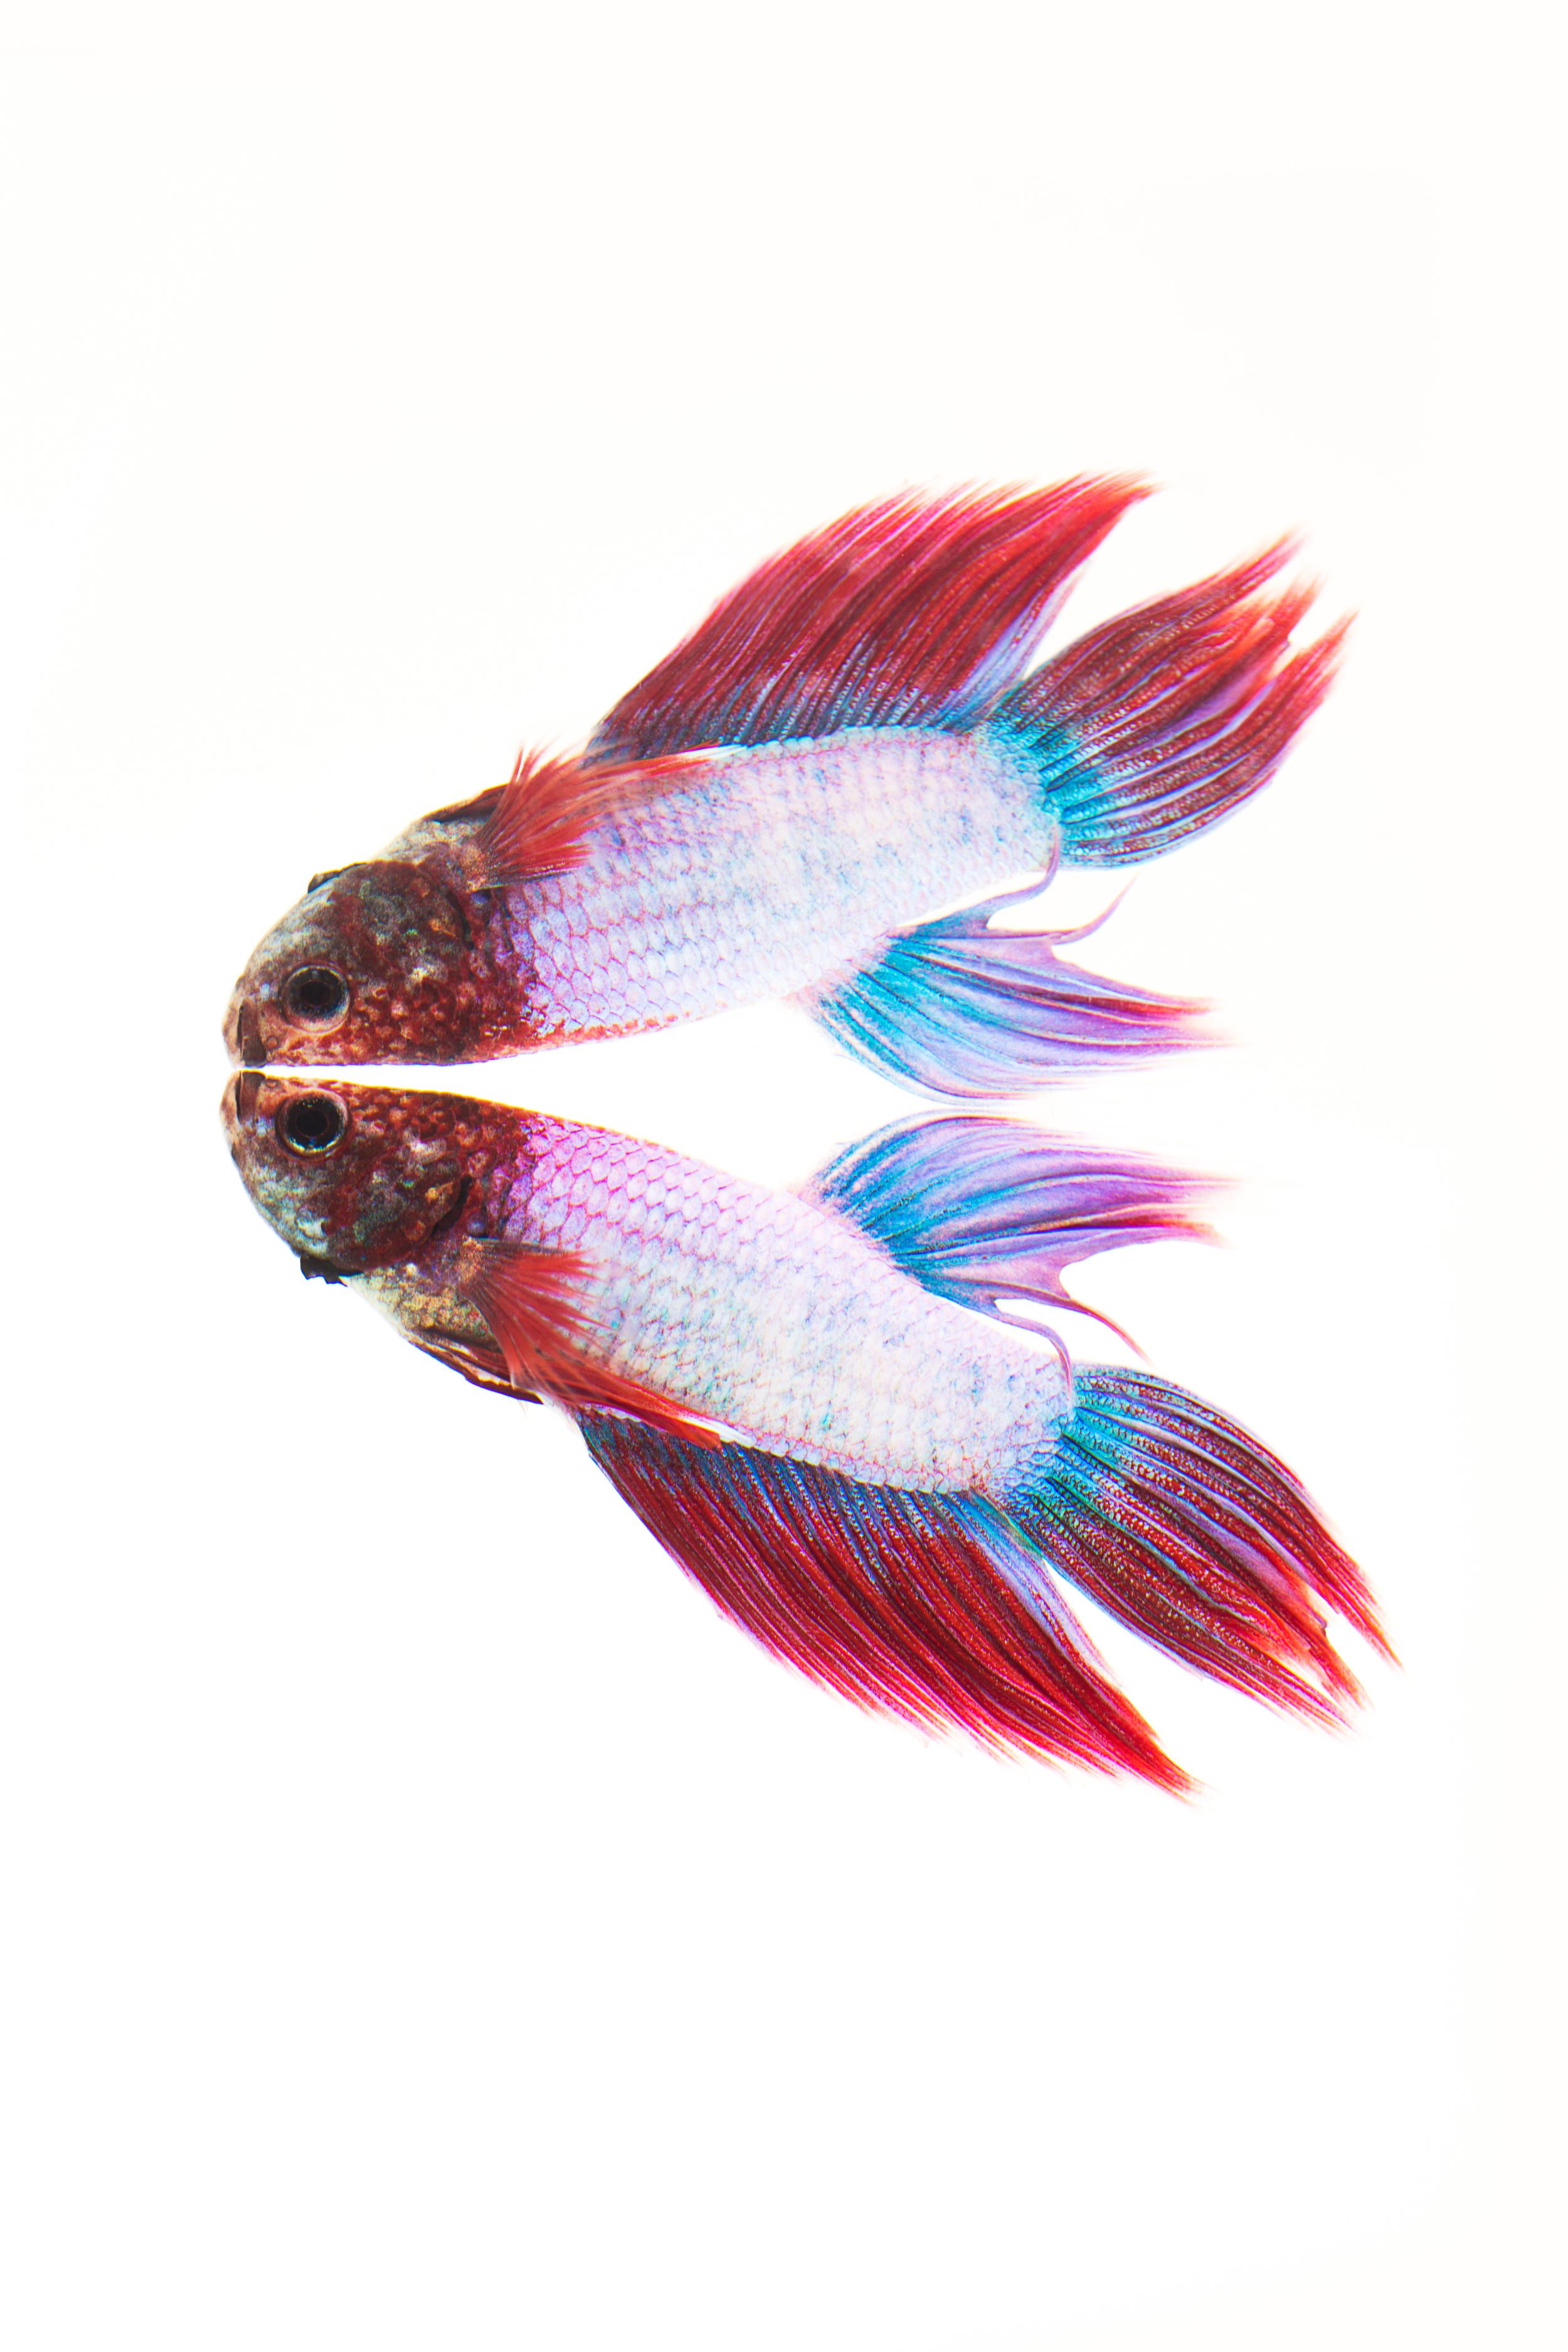 Plakat Betta (male) - Siamese Fighting Fish